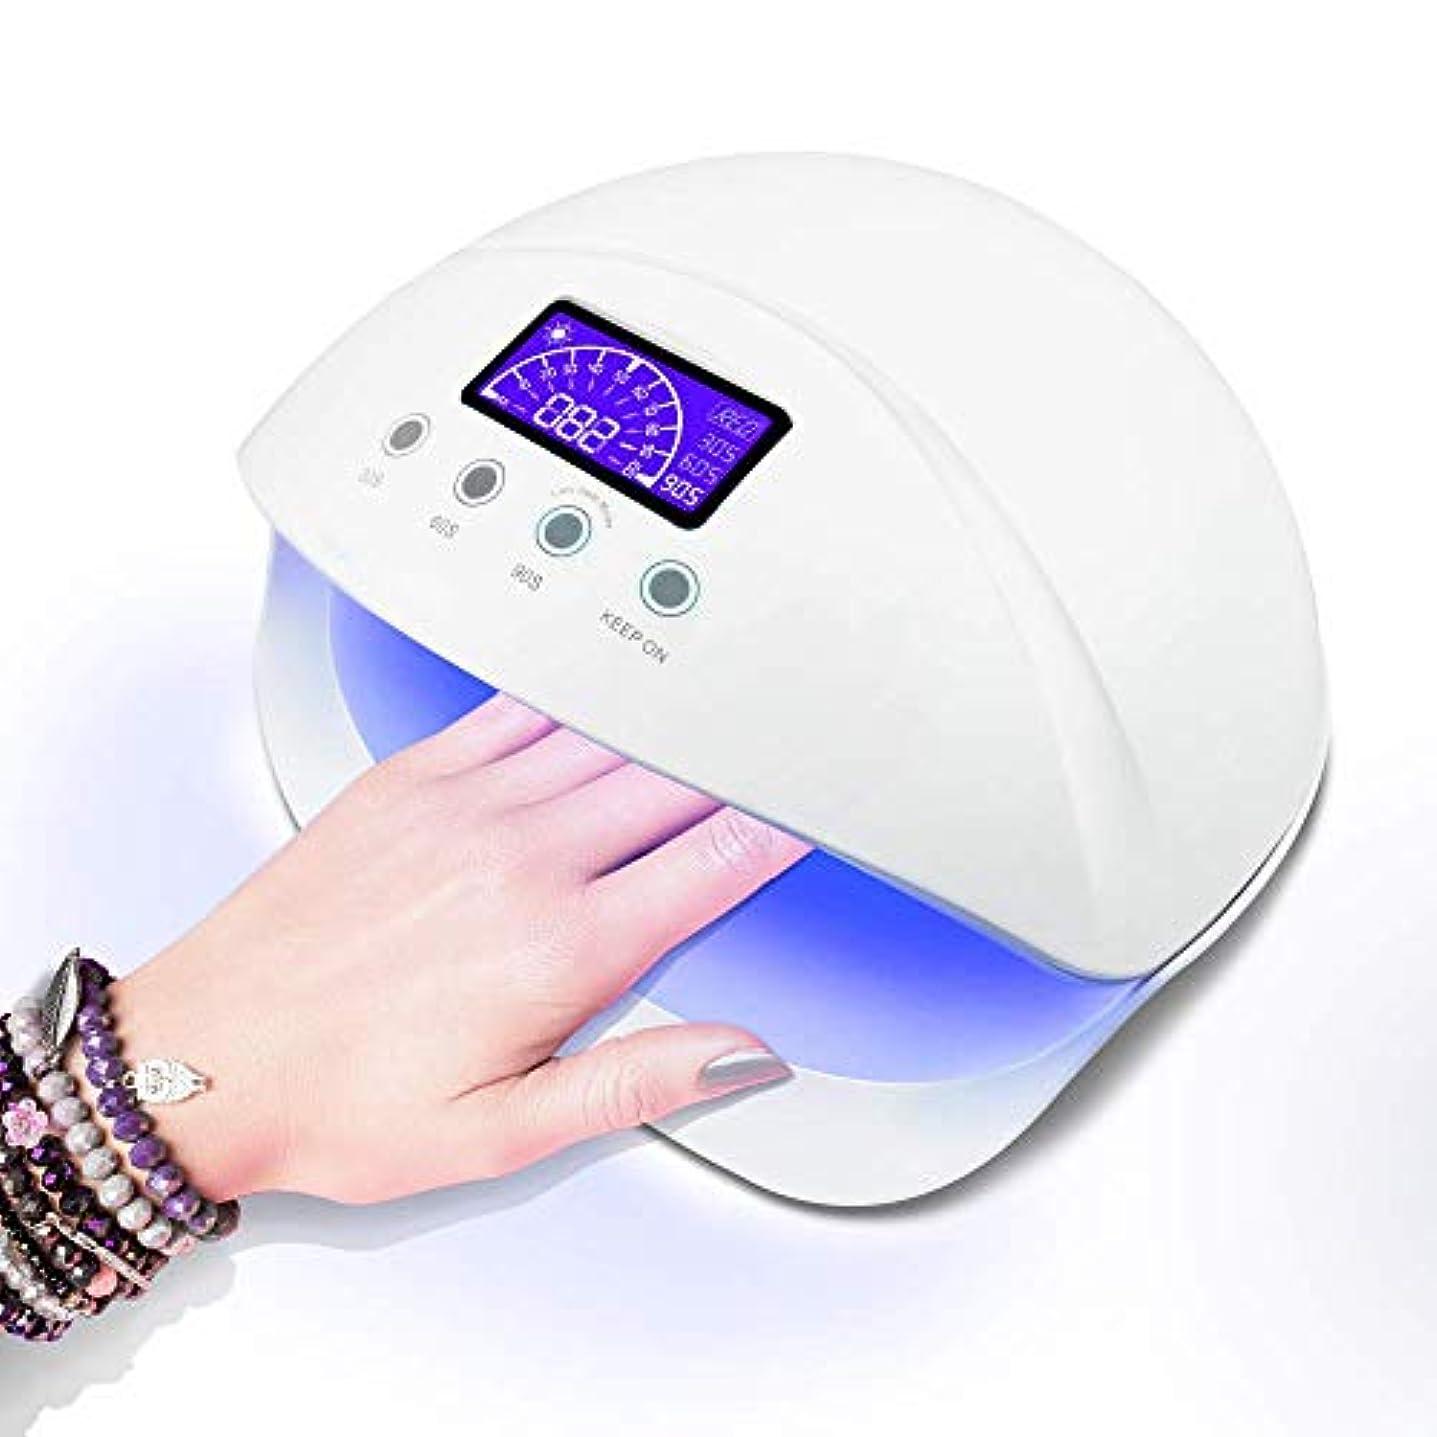 粘性のインサート貧困LED ネイルドライヤー UVネイルライトハイパワー ジェルネイルライト 肌をケア